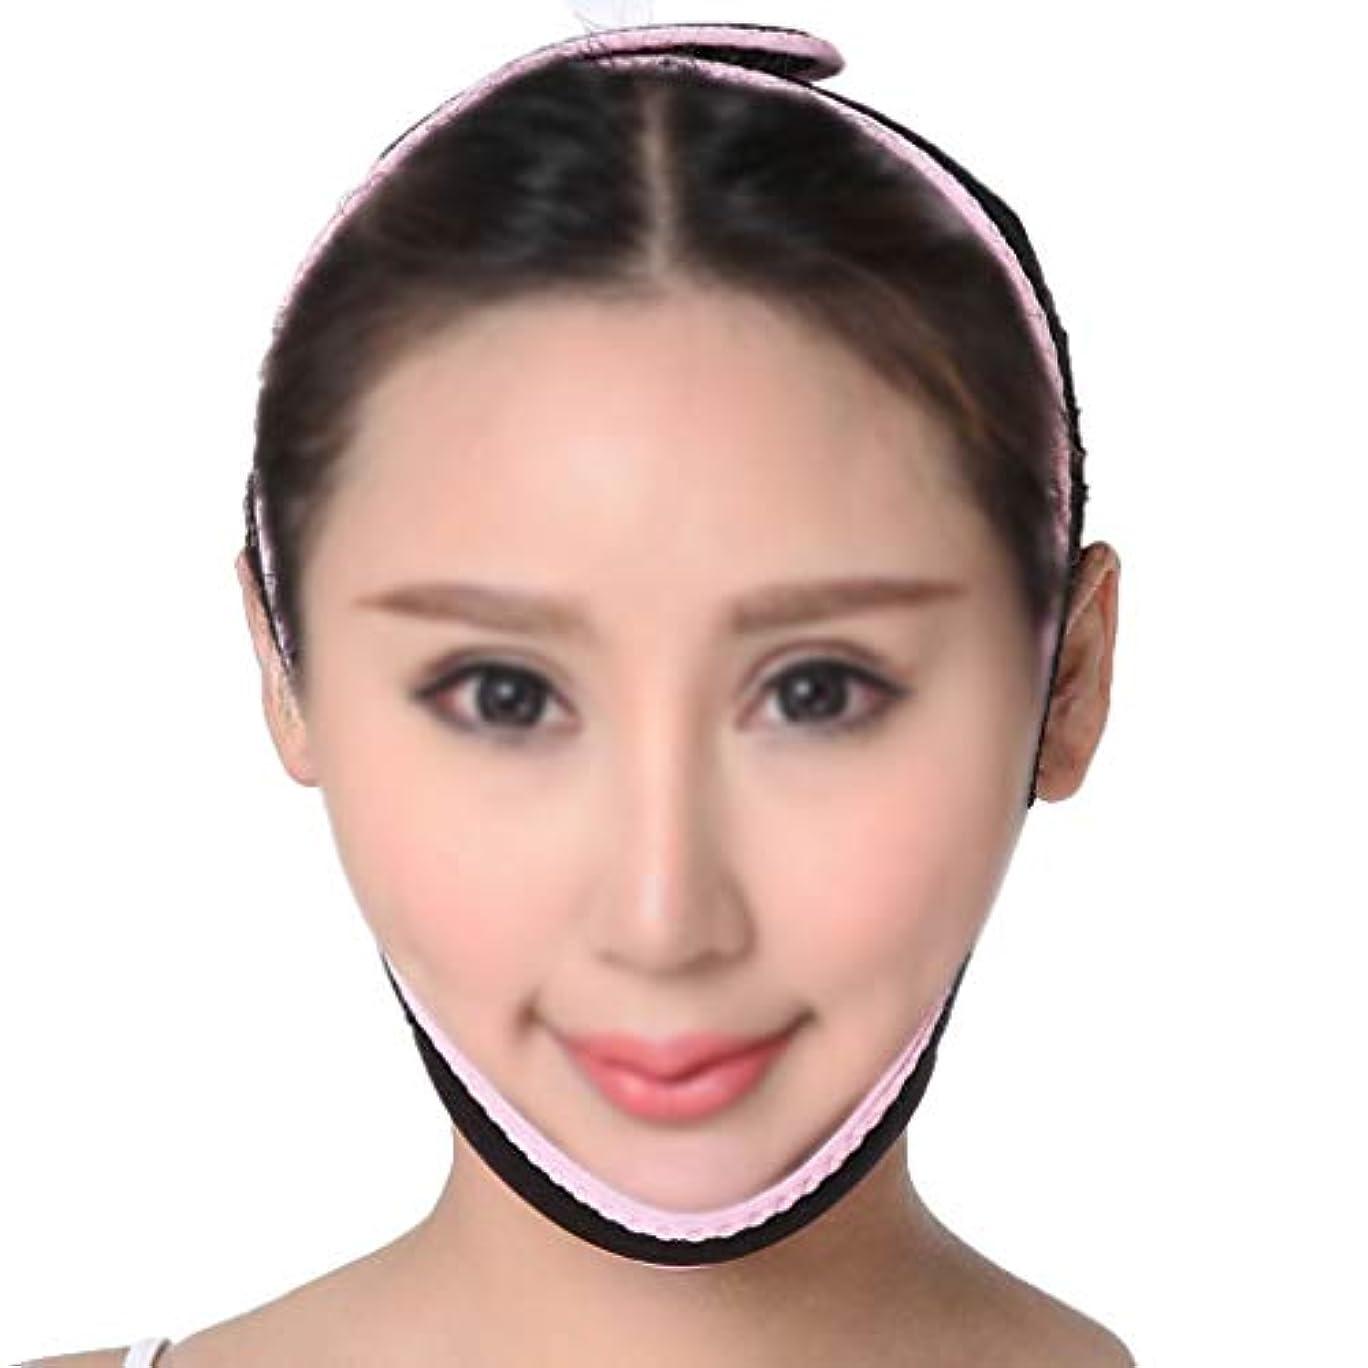 音楽家ファン請求GLJJQMY 引き締めマスク薄い顔面マスクフェイスリフティング器具V顔薄い顔面包帯薄い顔マッサージ器薄い顔面マスクフェイスリフティング装置 顔用整形マスク